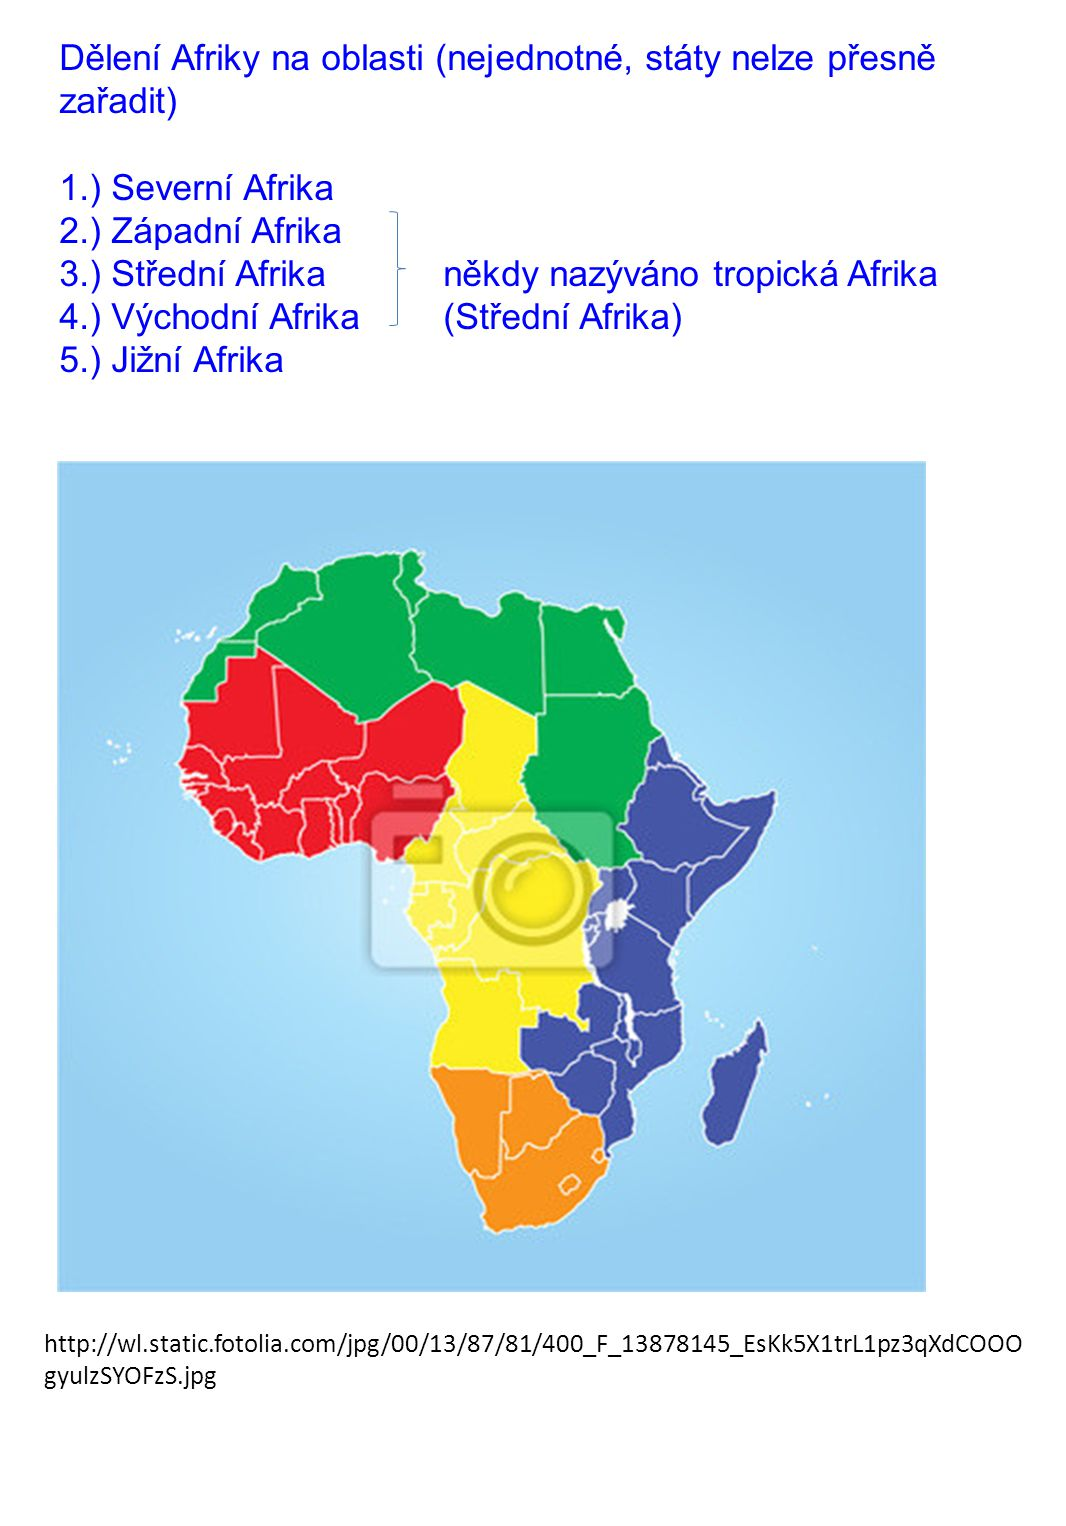 Dělení Afriky na oblasti (nejednotné, státy nelze přesně zařadit)